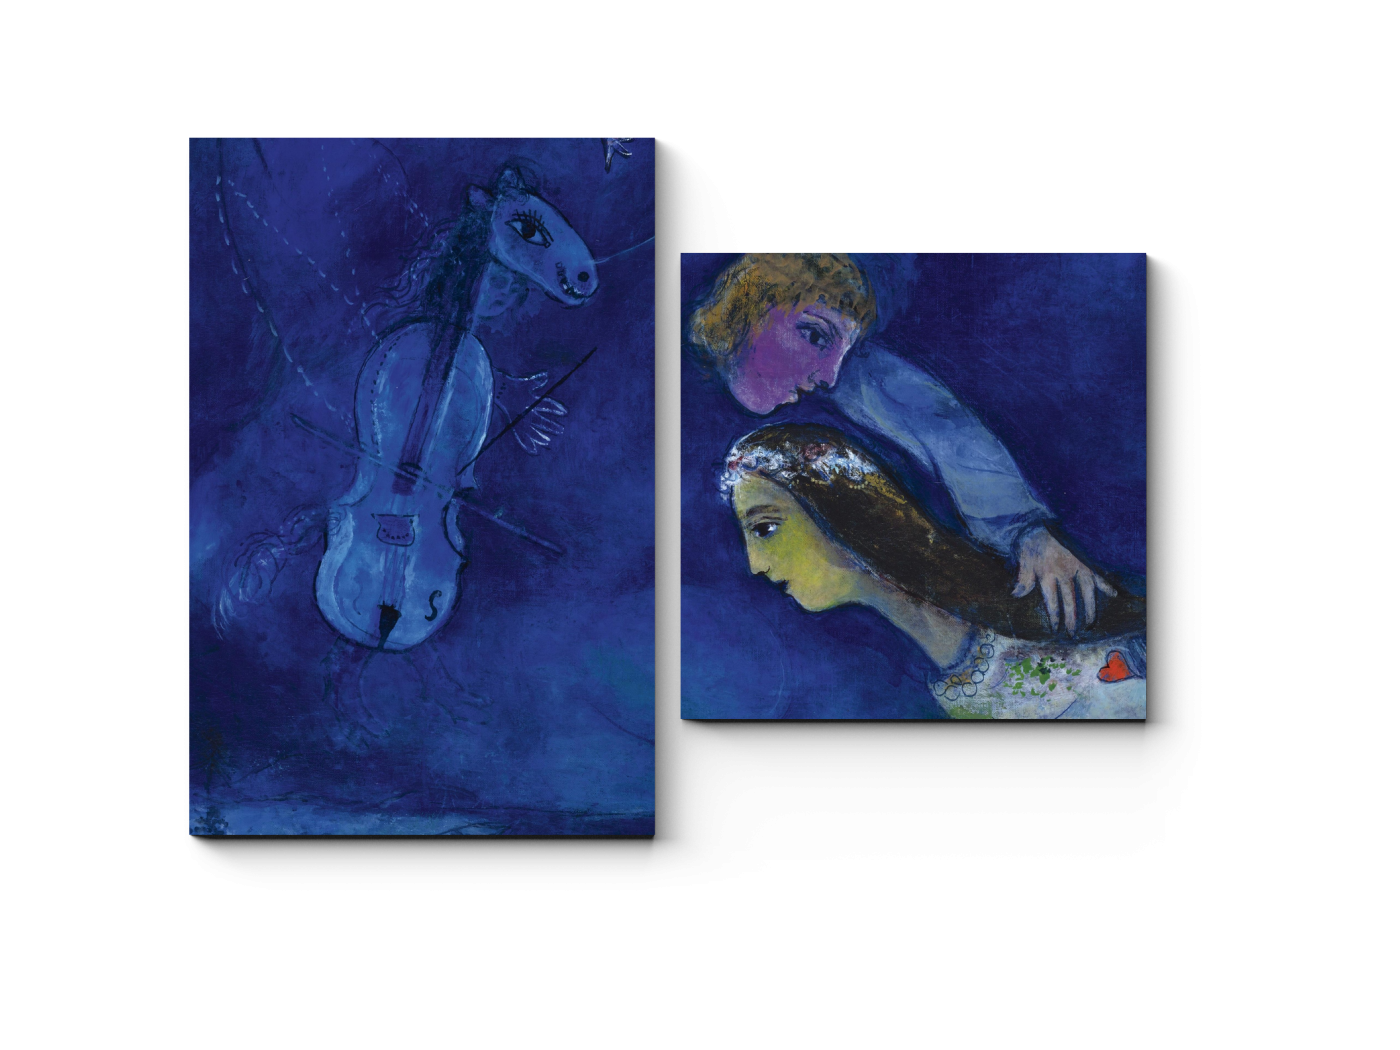 Модульная картина В ночь красного петуха, Марк Шагал (40x30) фото